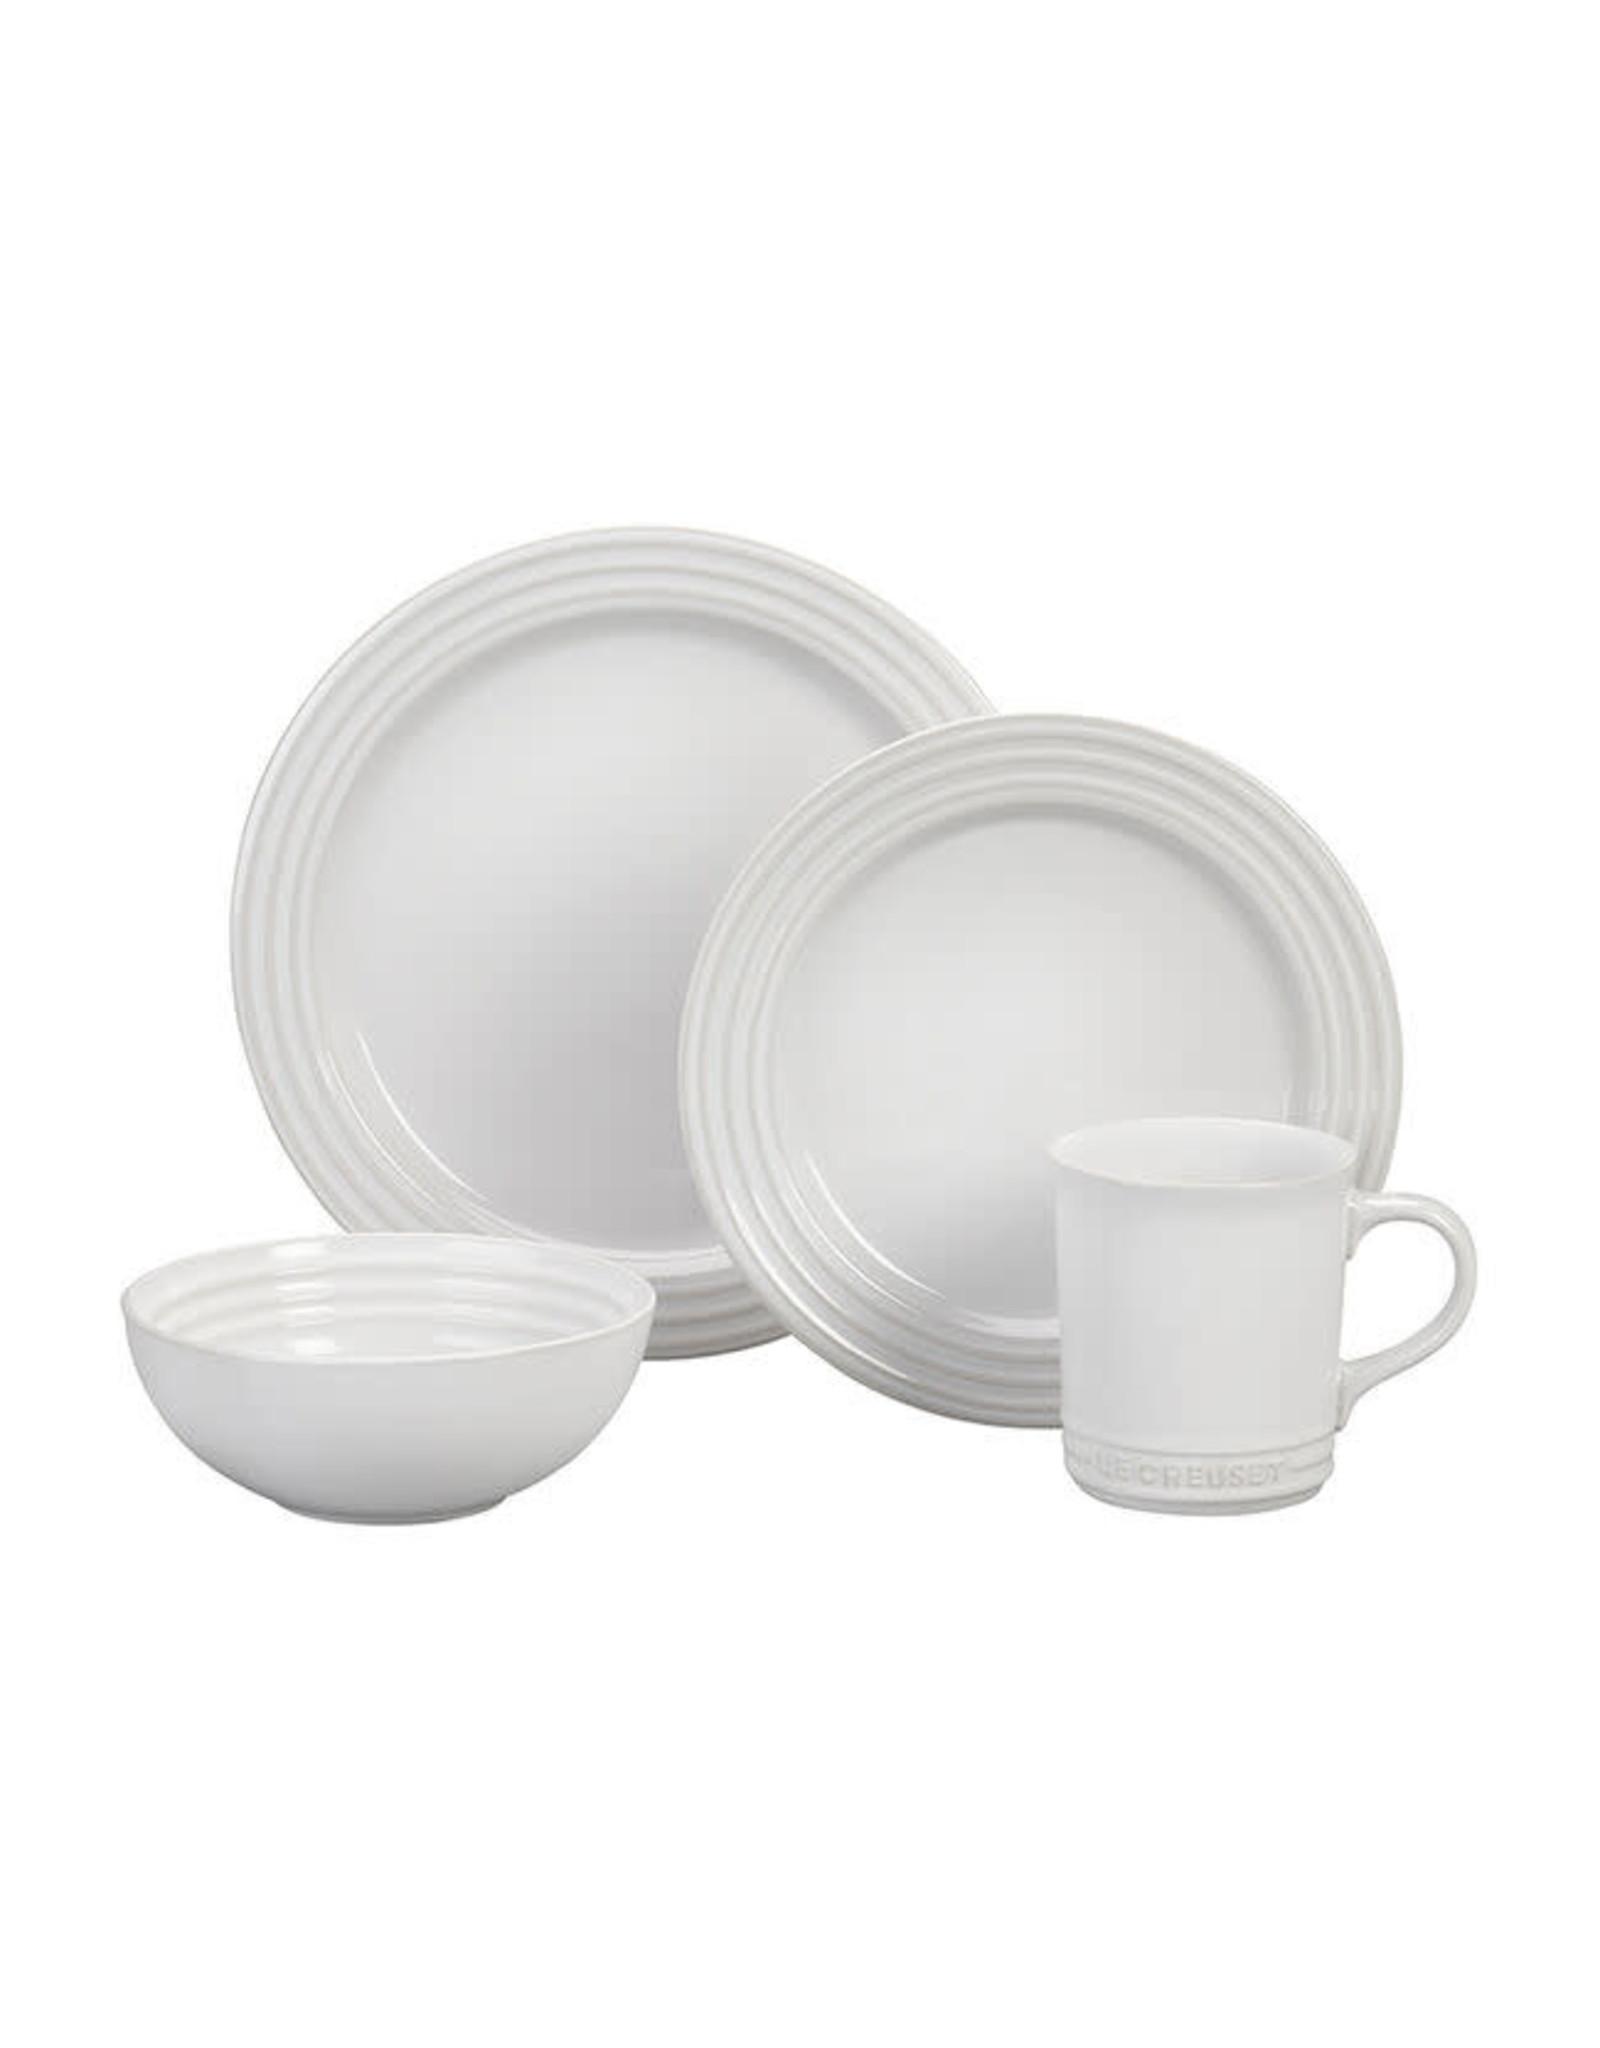 Le Creuset LE CREUSET- 16pc Dinnerware Set - White